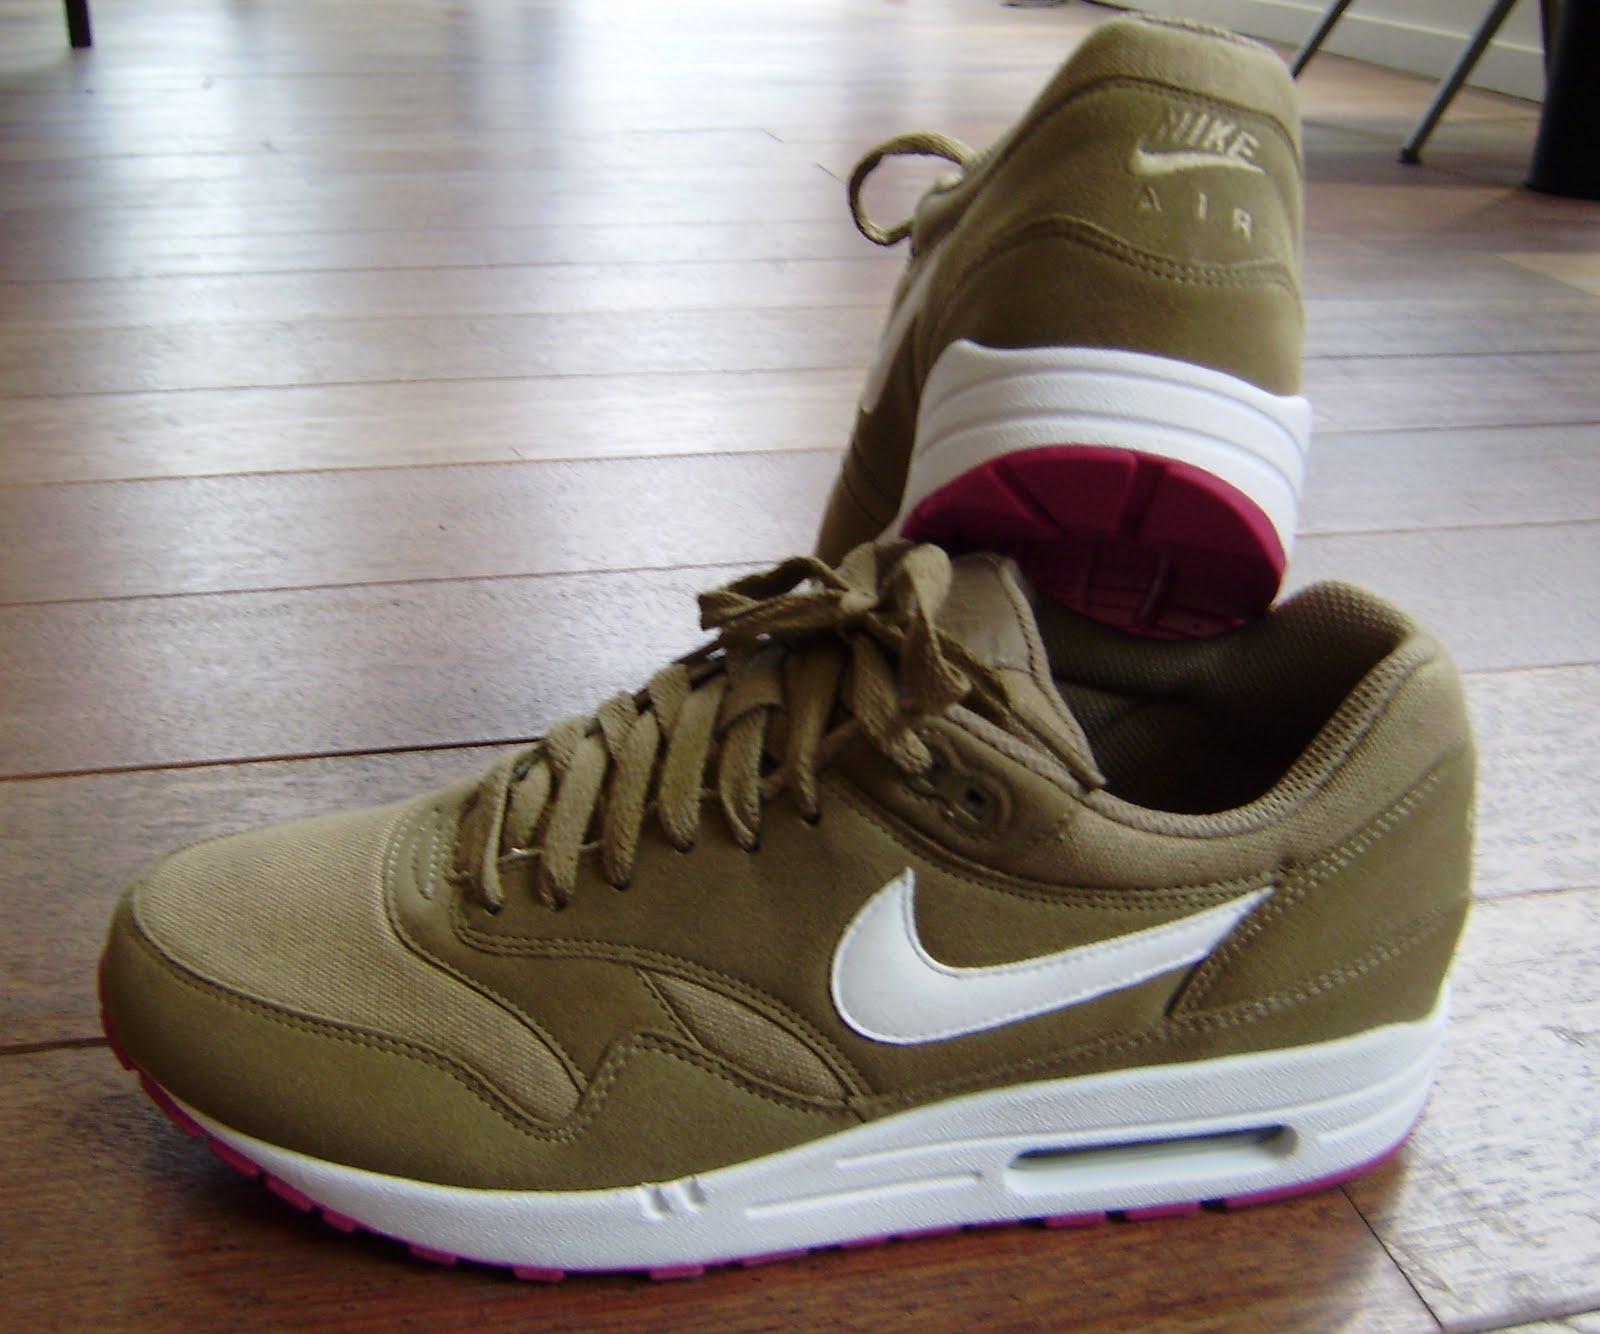 9fd2fc54ec0 Nike air Max 1. Nike air max 1 Brown kelp